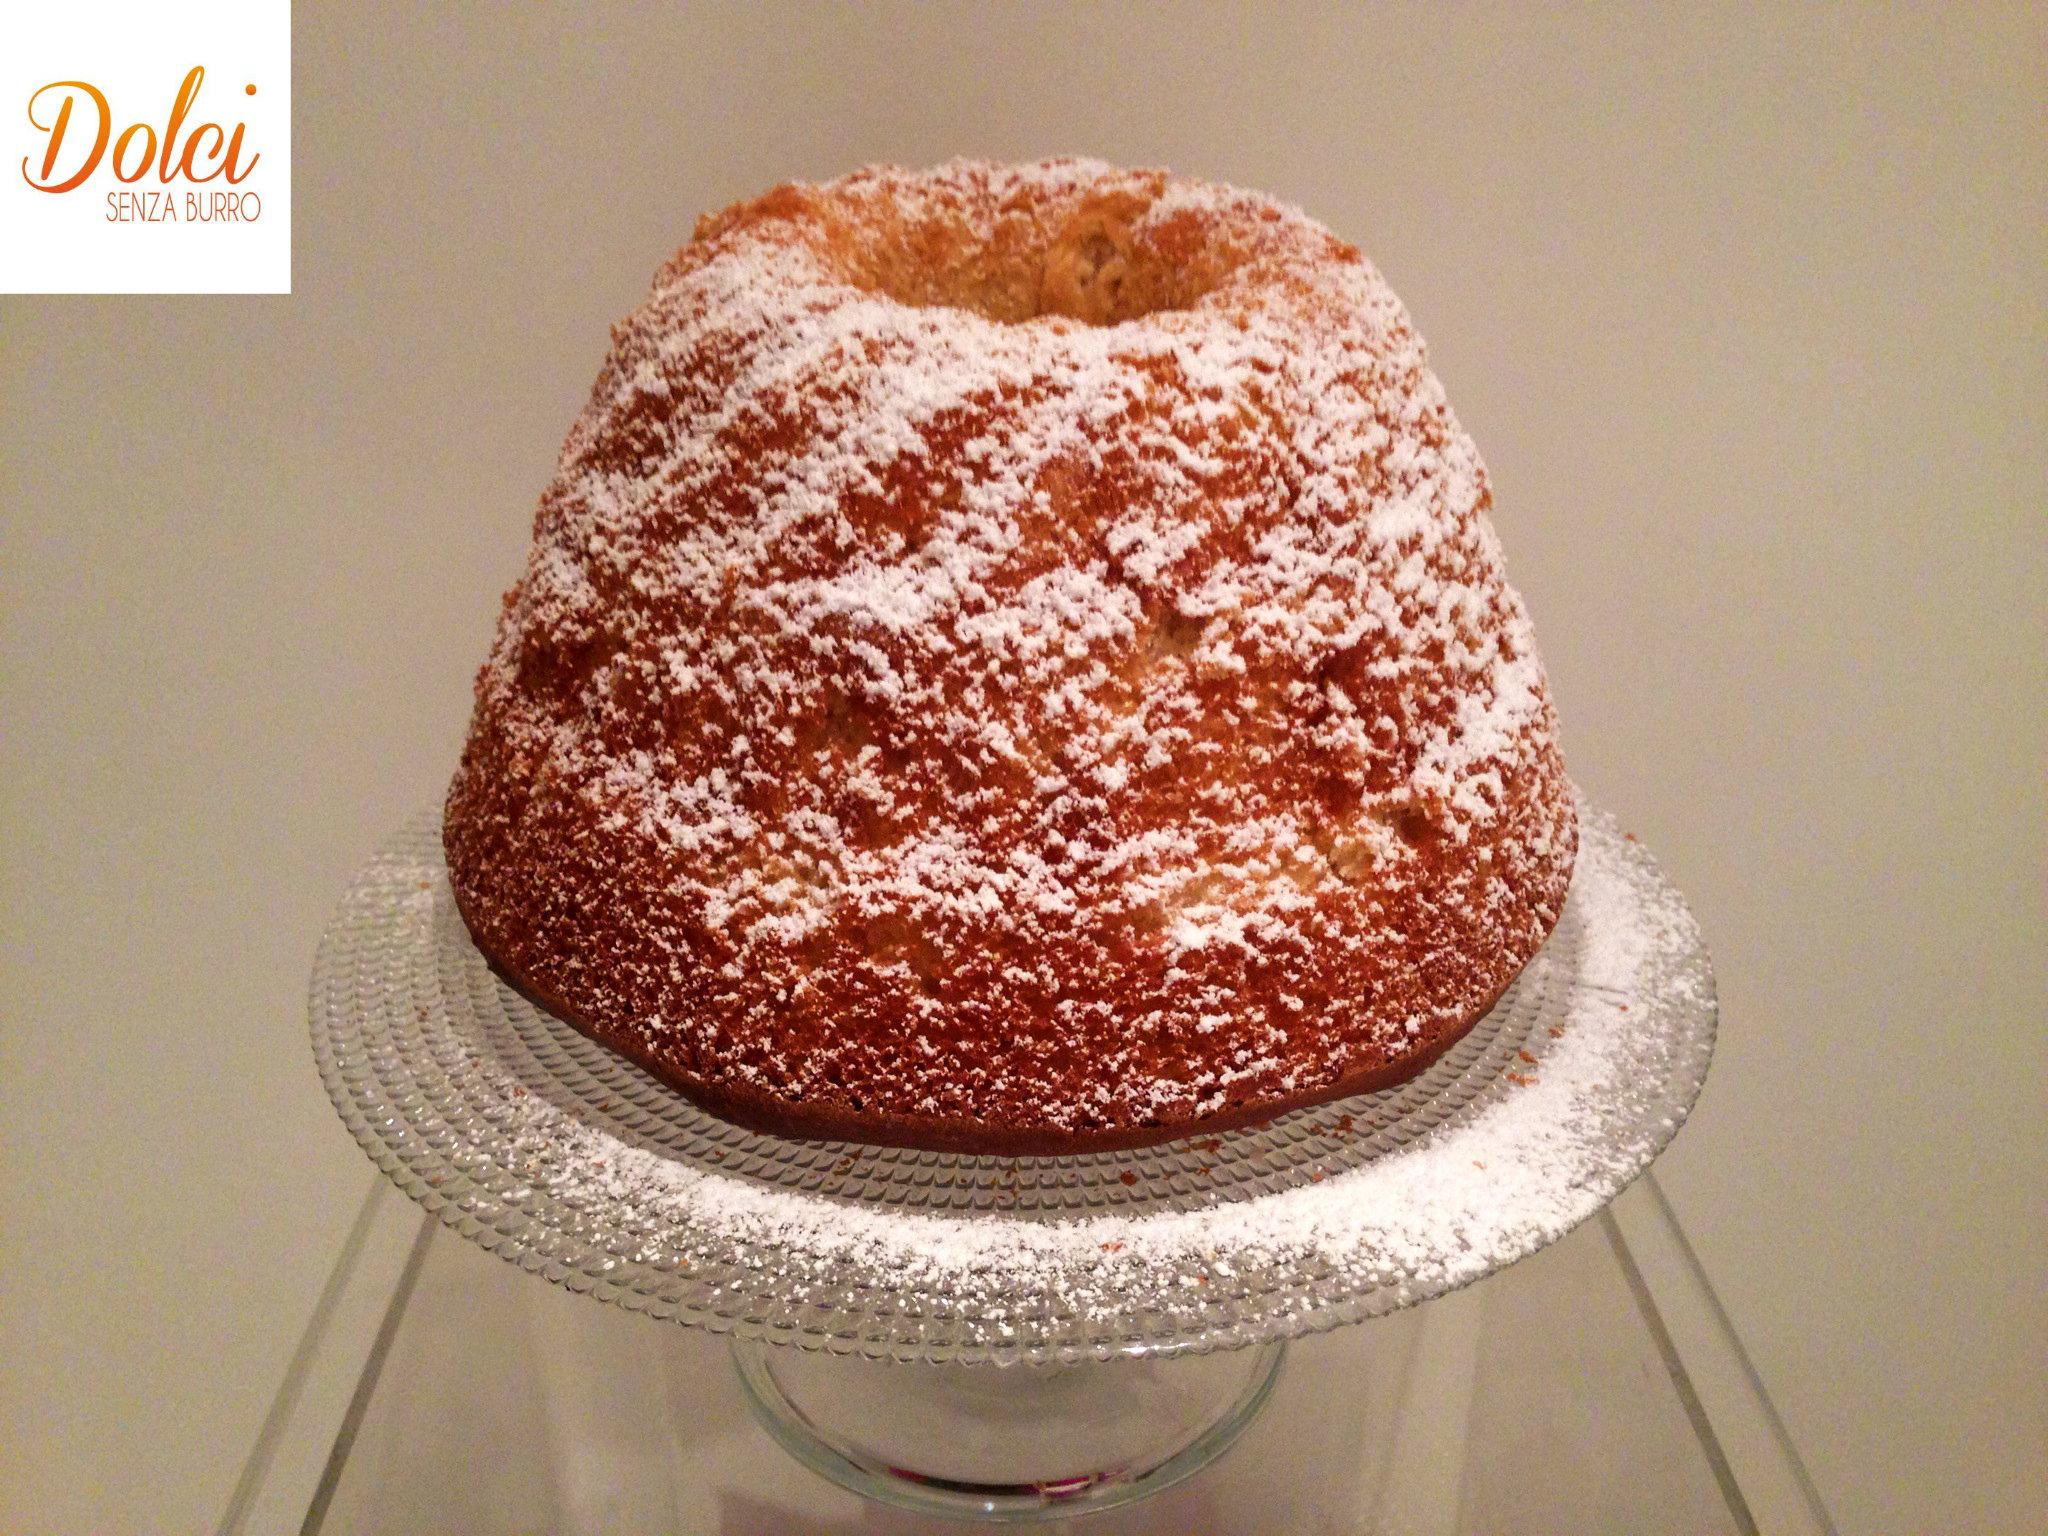 Il gugelhupf senza burro o kugelhupf, il famoso dolce di natale austriaco di dolci senza burro